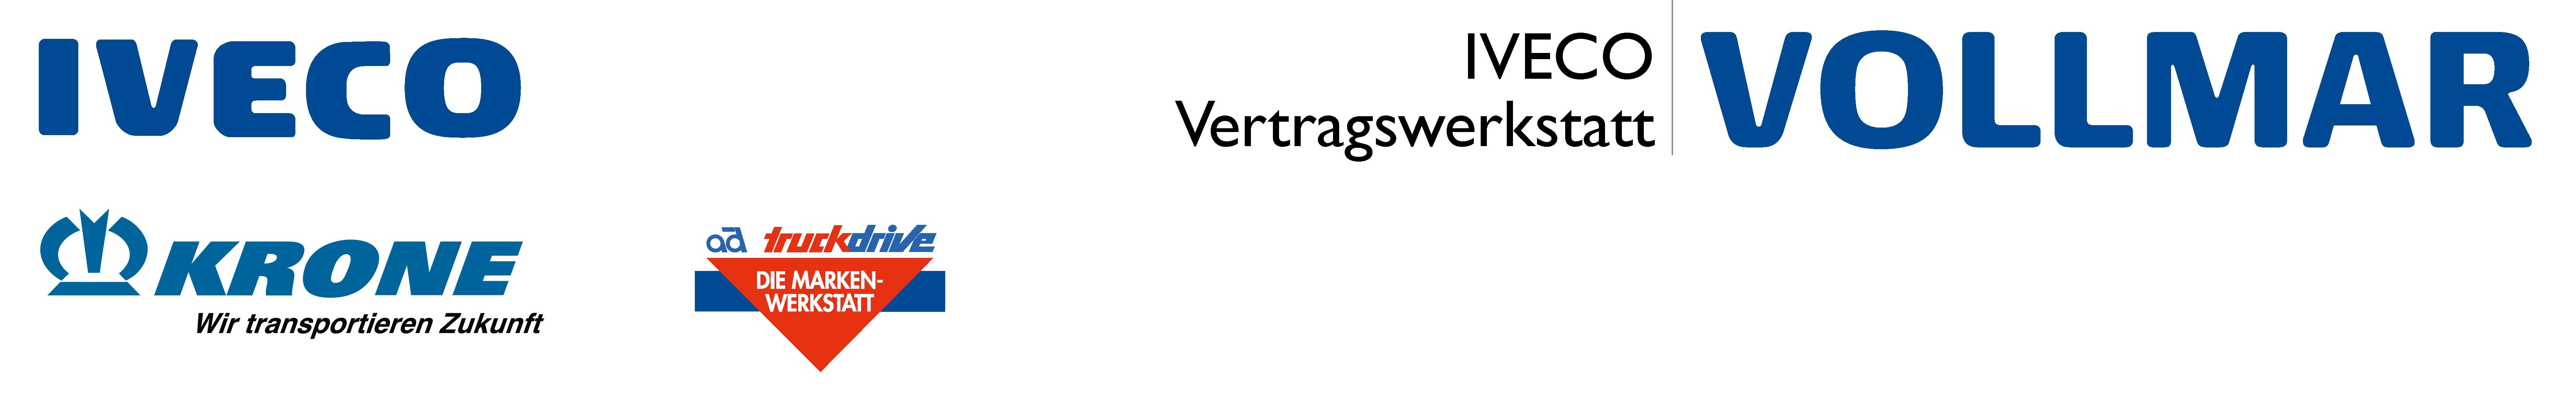 Vollmar Bremsendienst GmbH